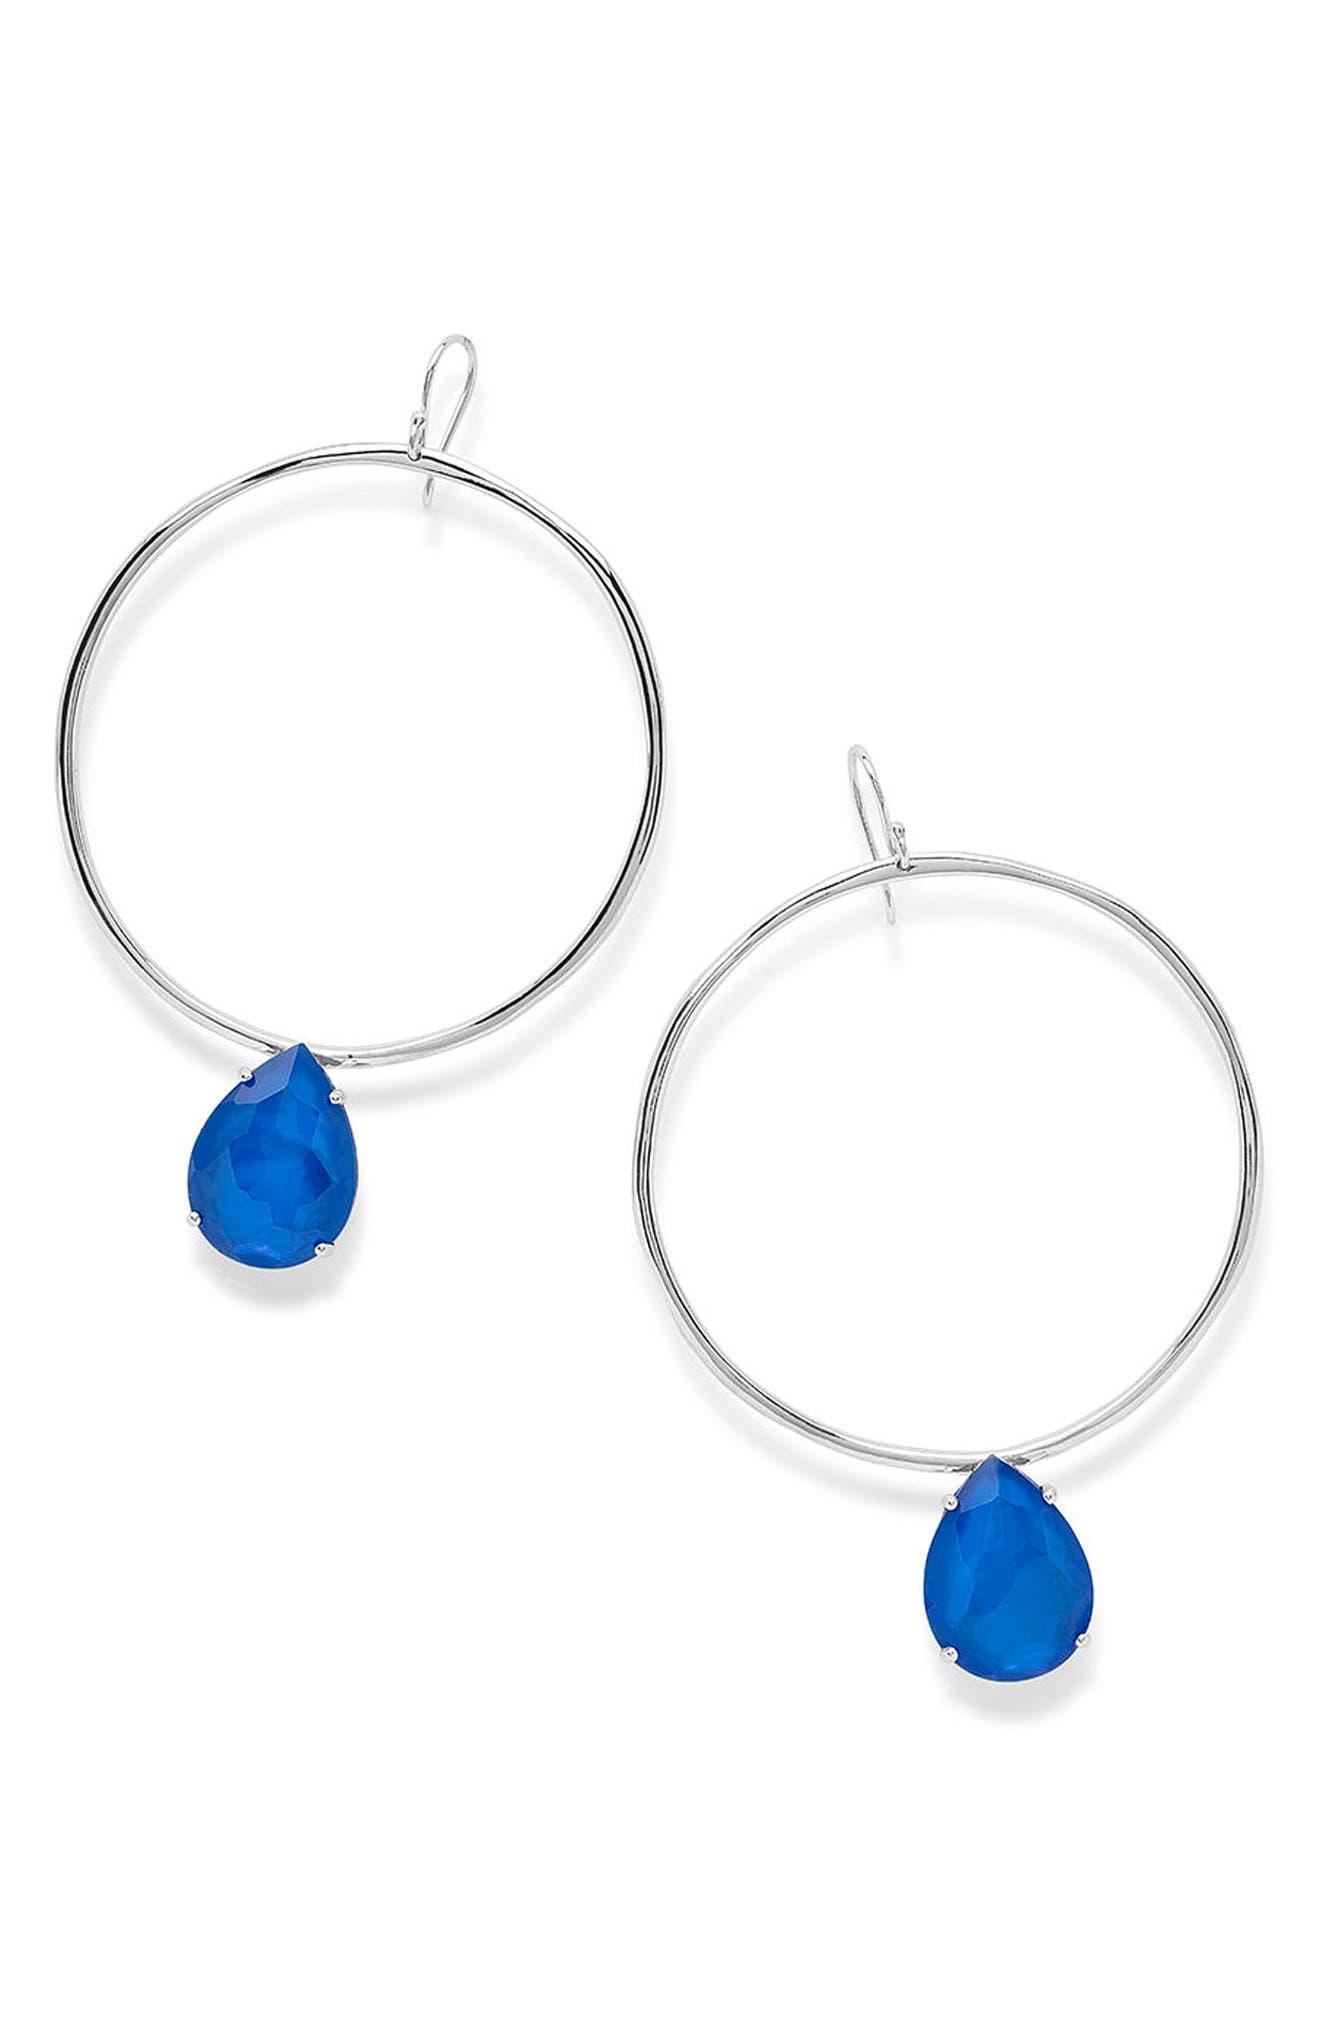 Alternate Image 1 Selected - Ippolita Wonderland Large Frontal Hoop Earrings